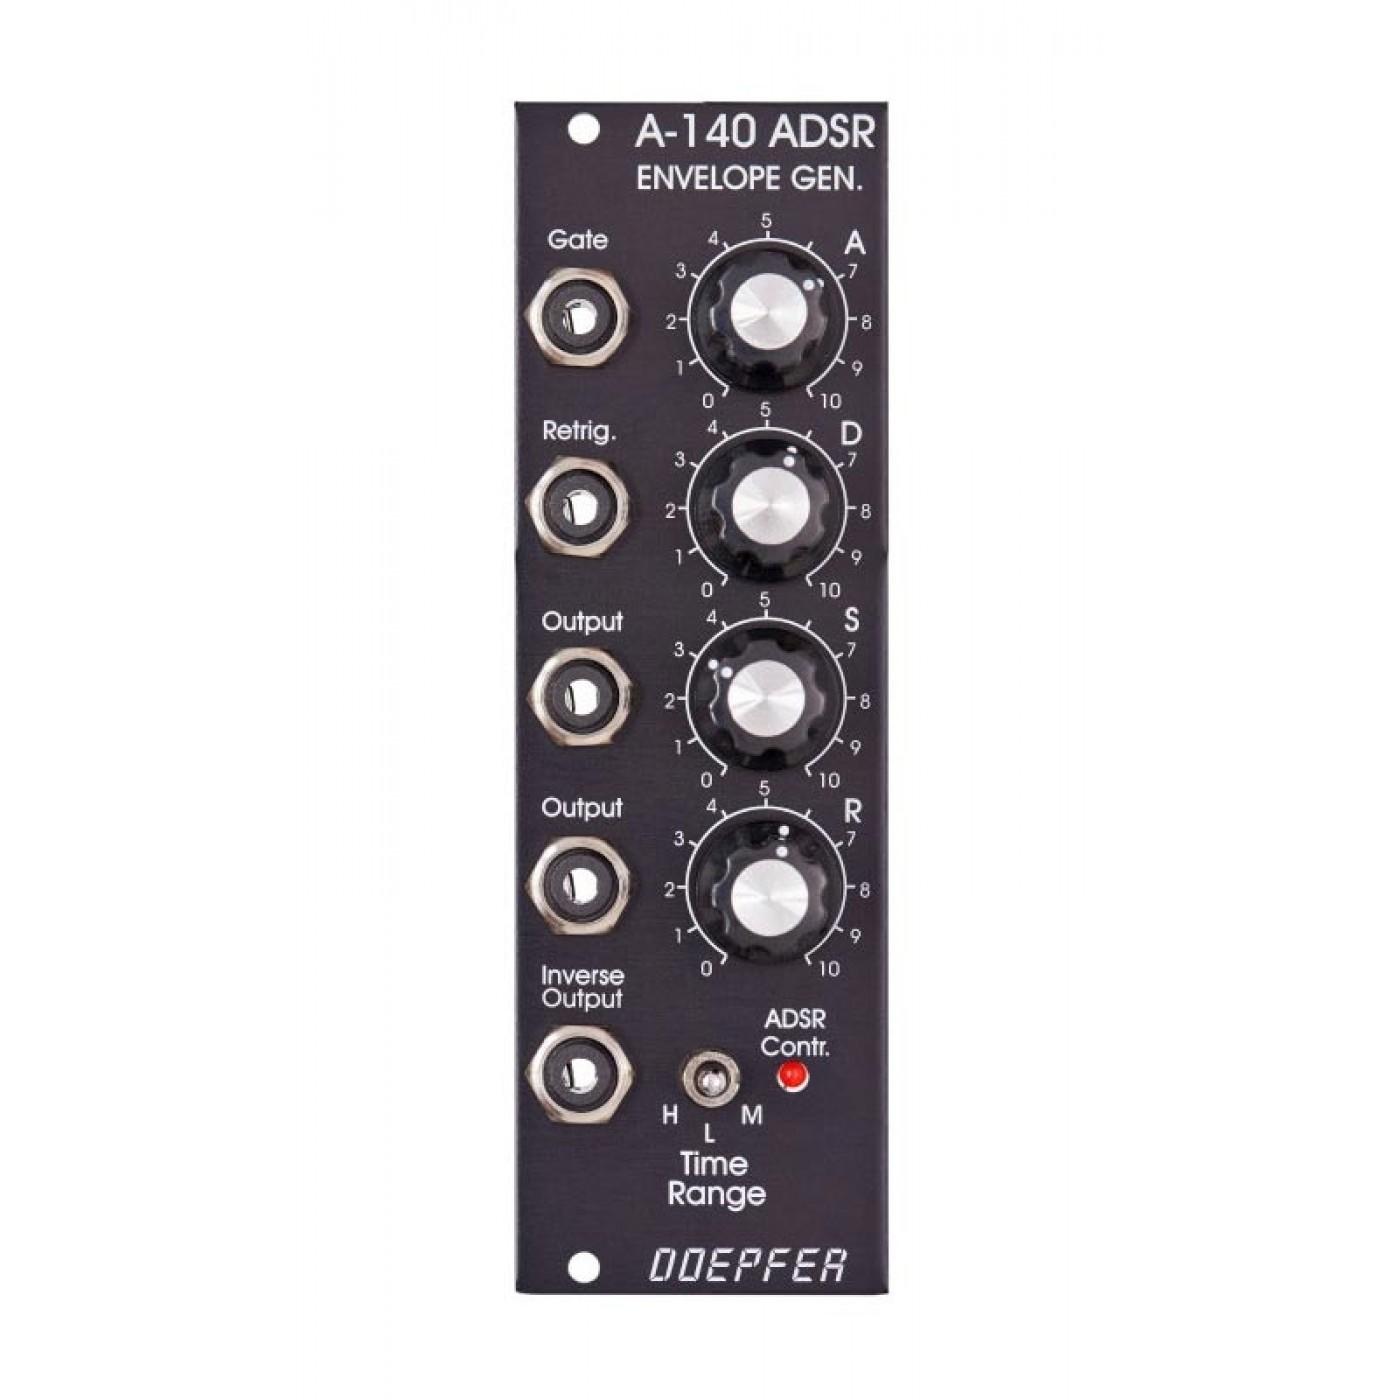 Doepfer A-140 ADSR Vintage Edition | Rage Audio